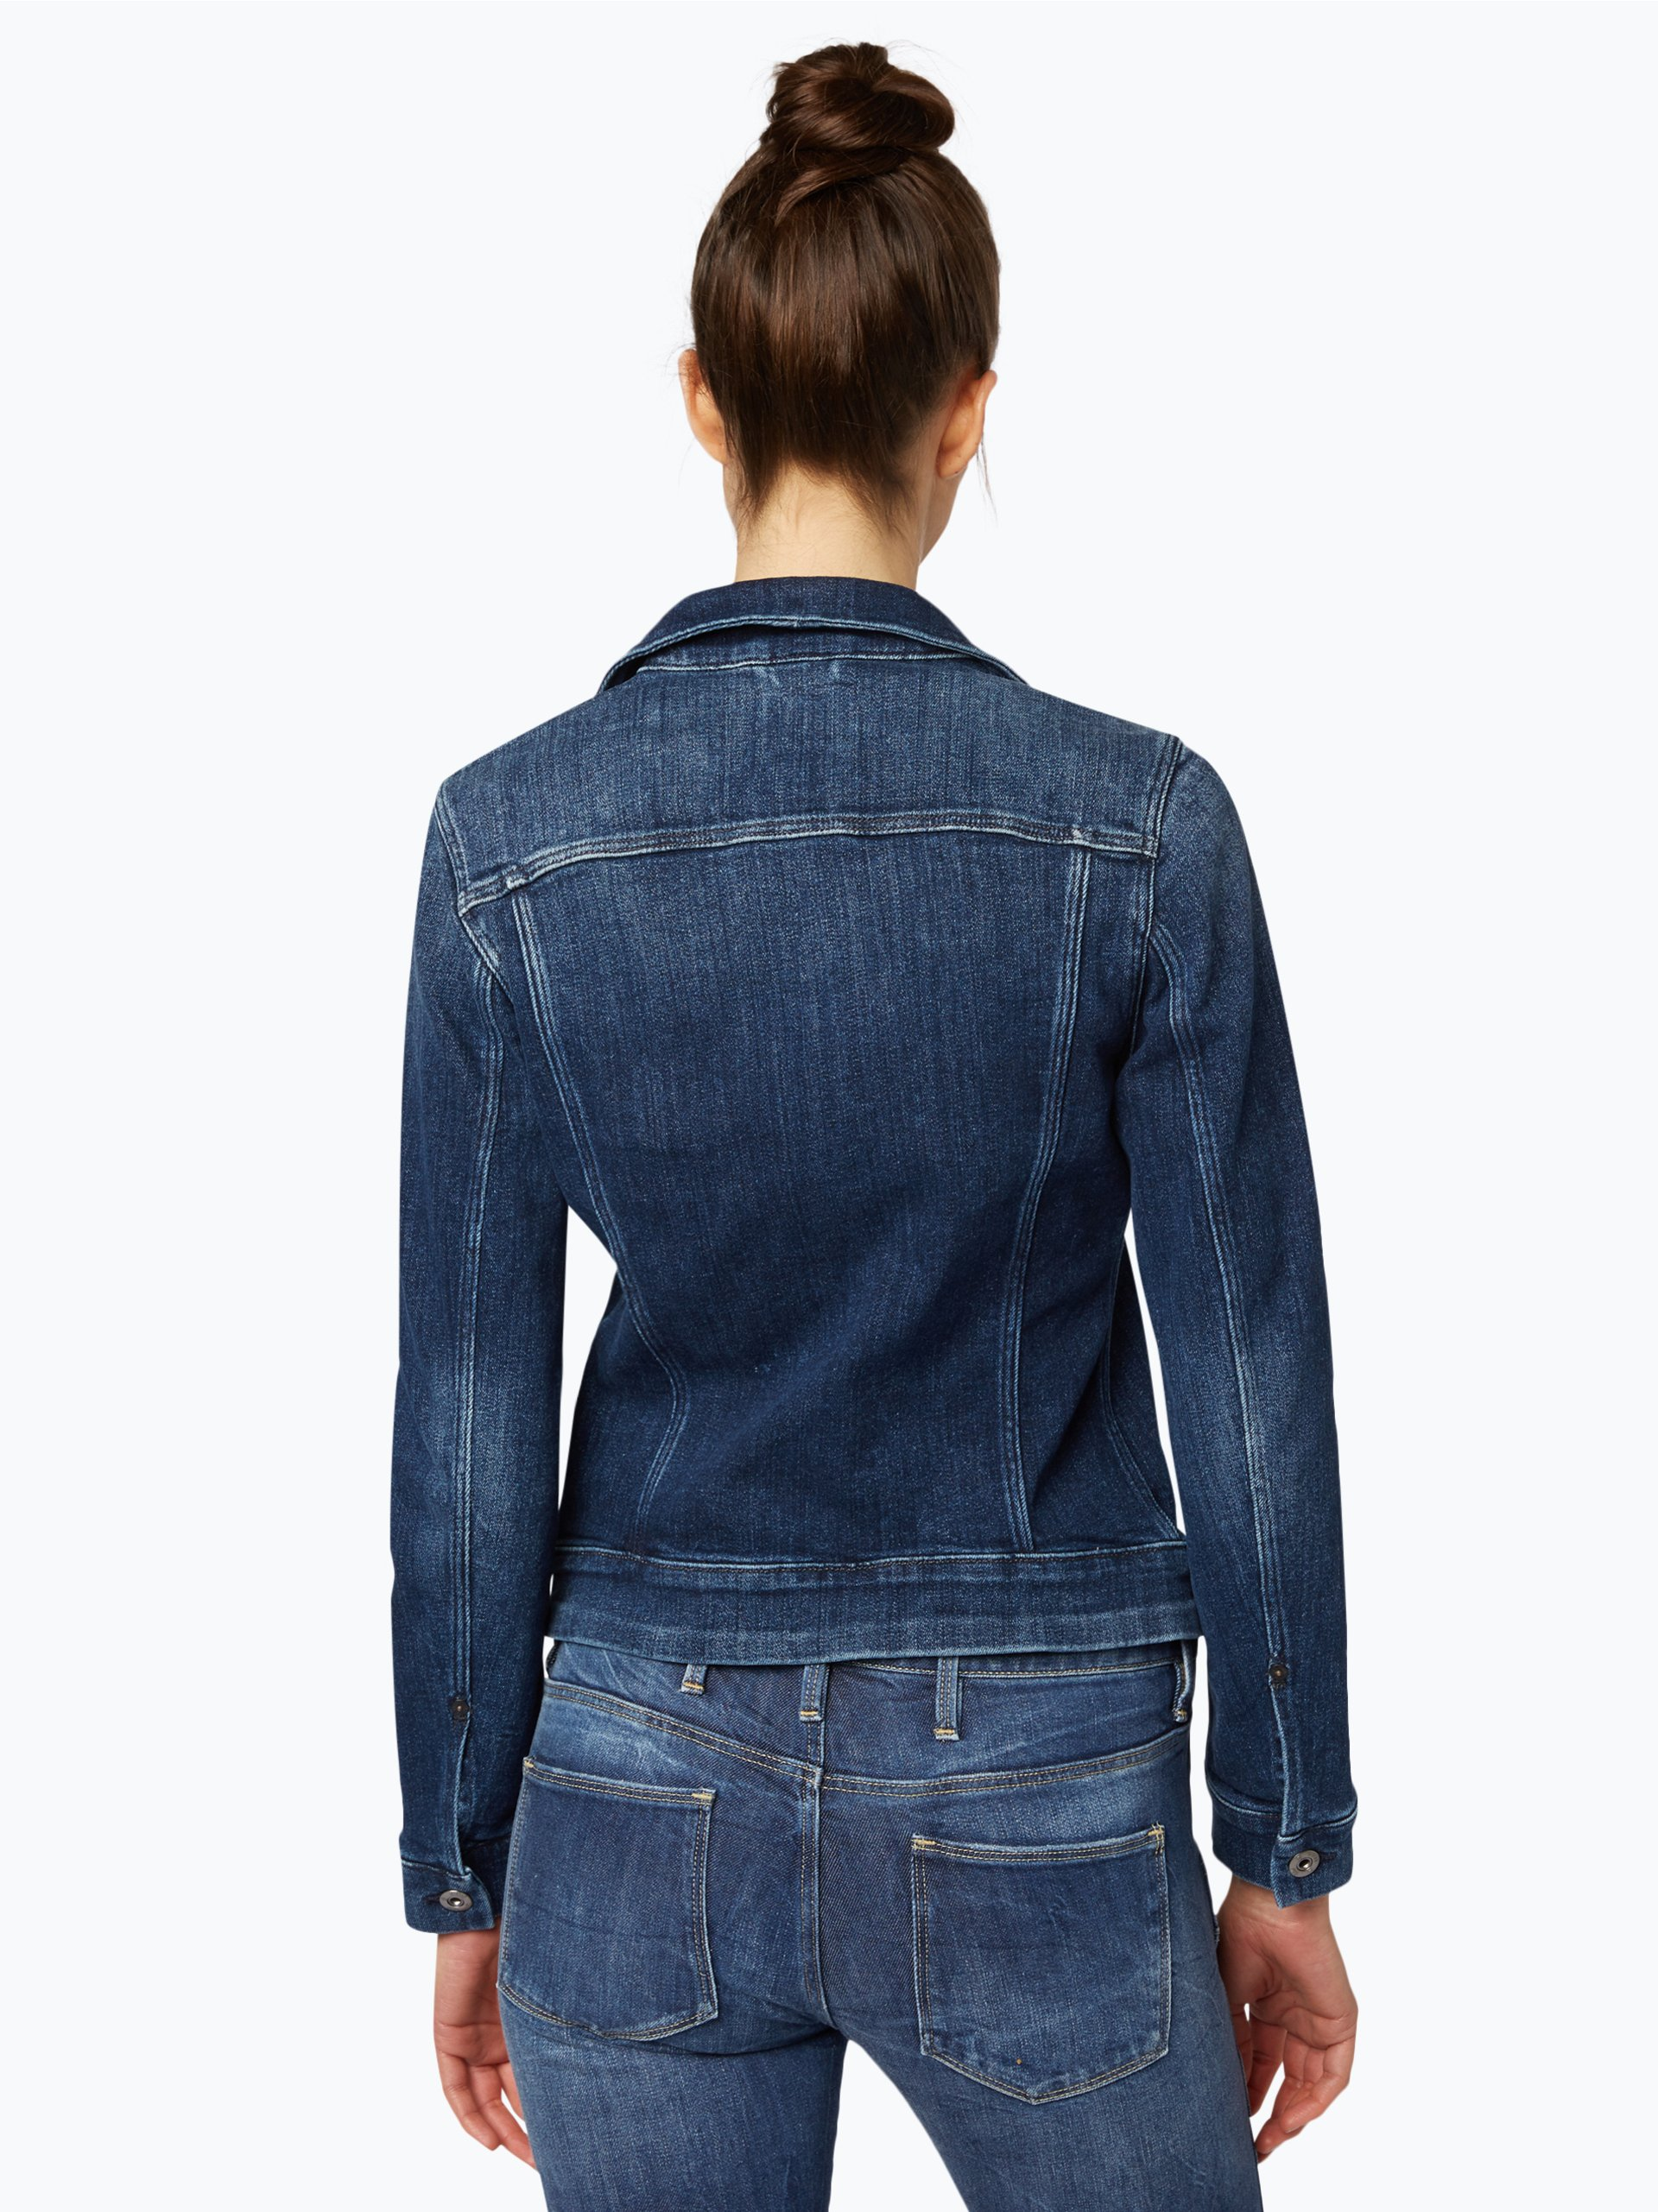 g star damen jeansjacke blau uni online kaufen vangraaf com. Black Bedroom Furniture Sets. Home Design Ideas